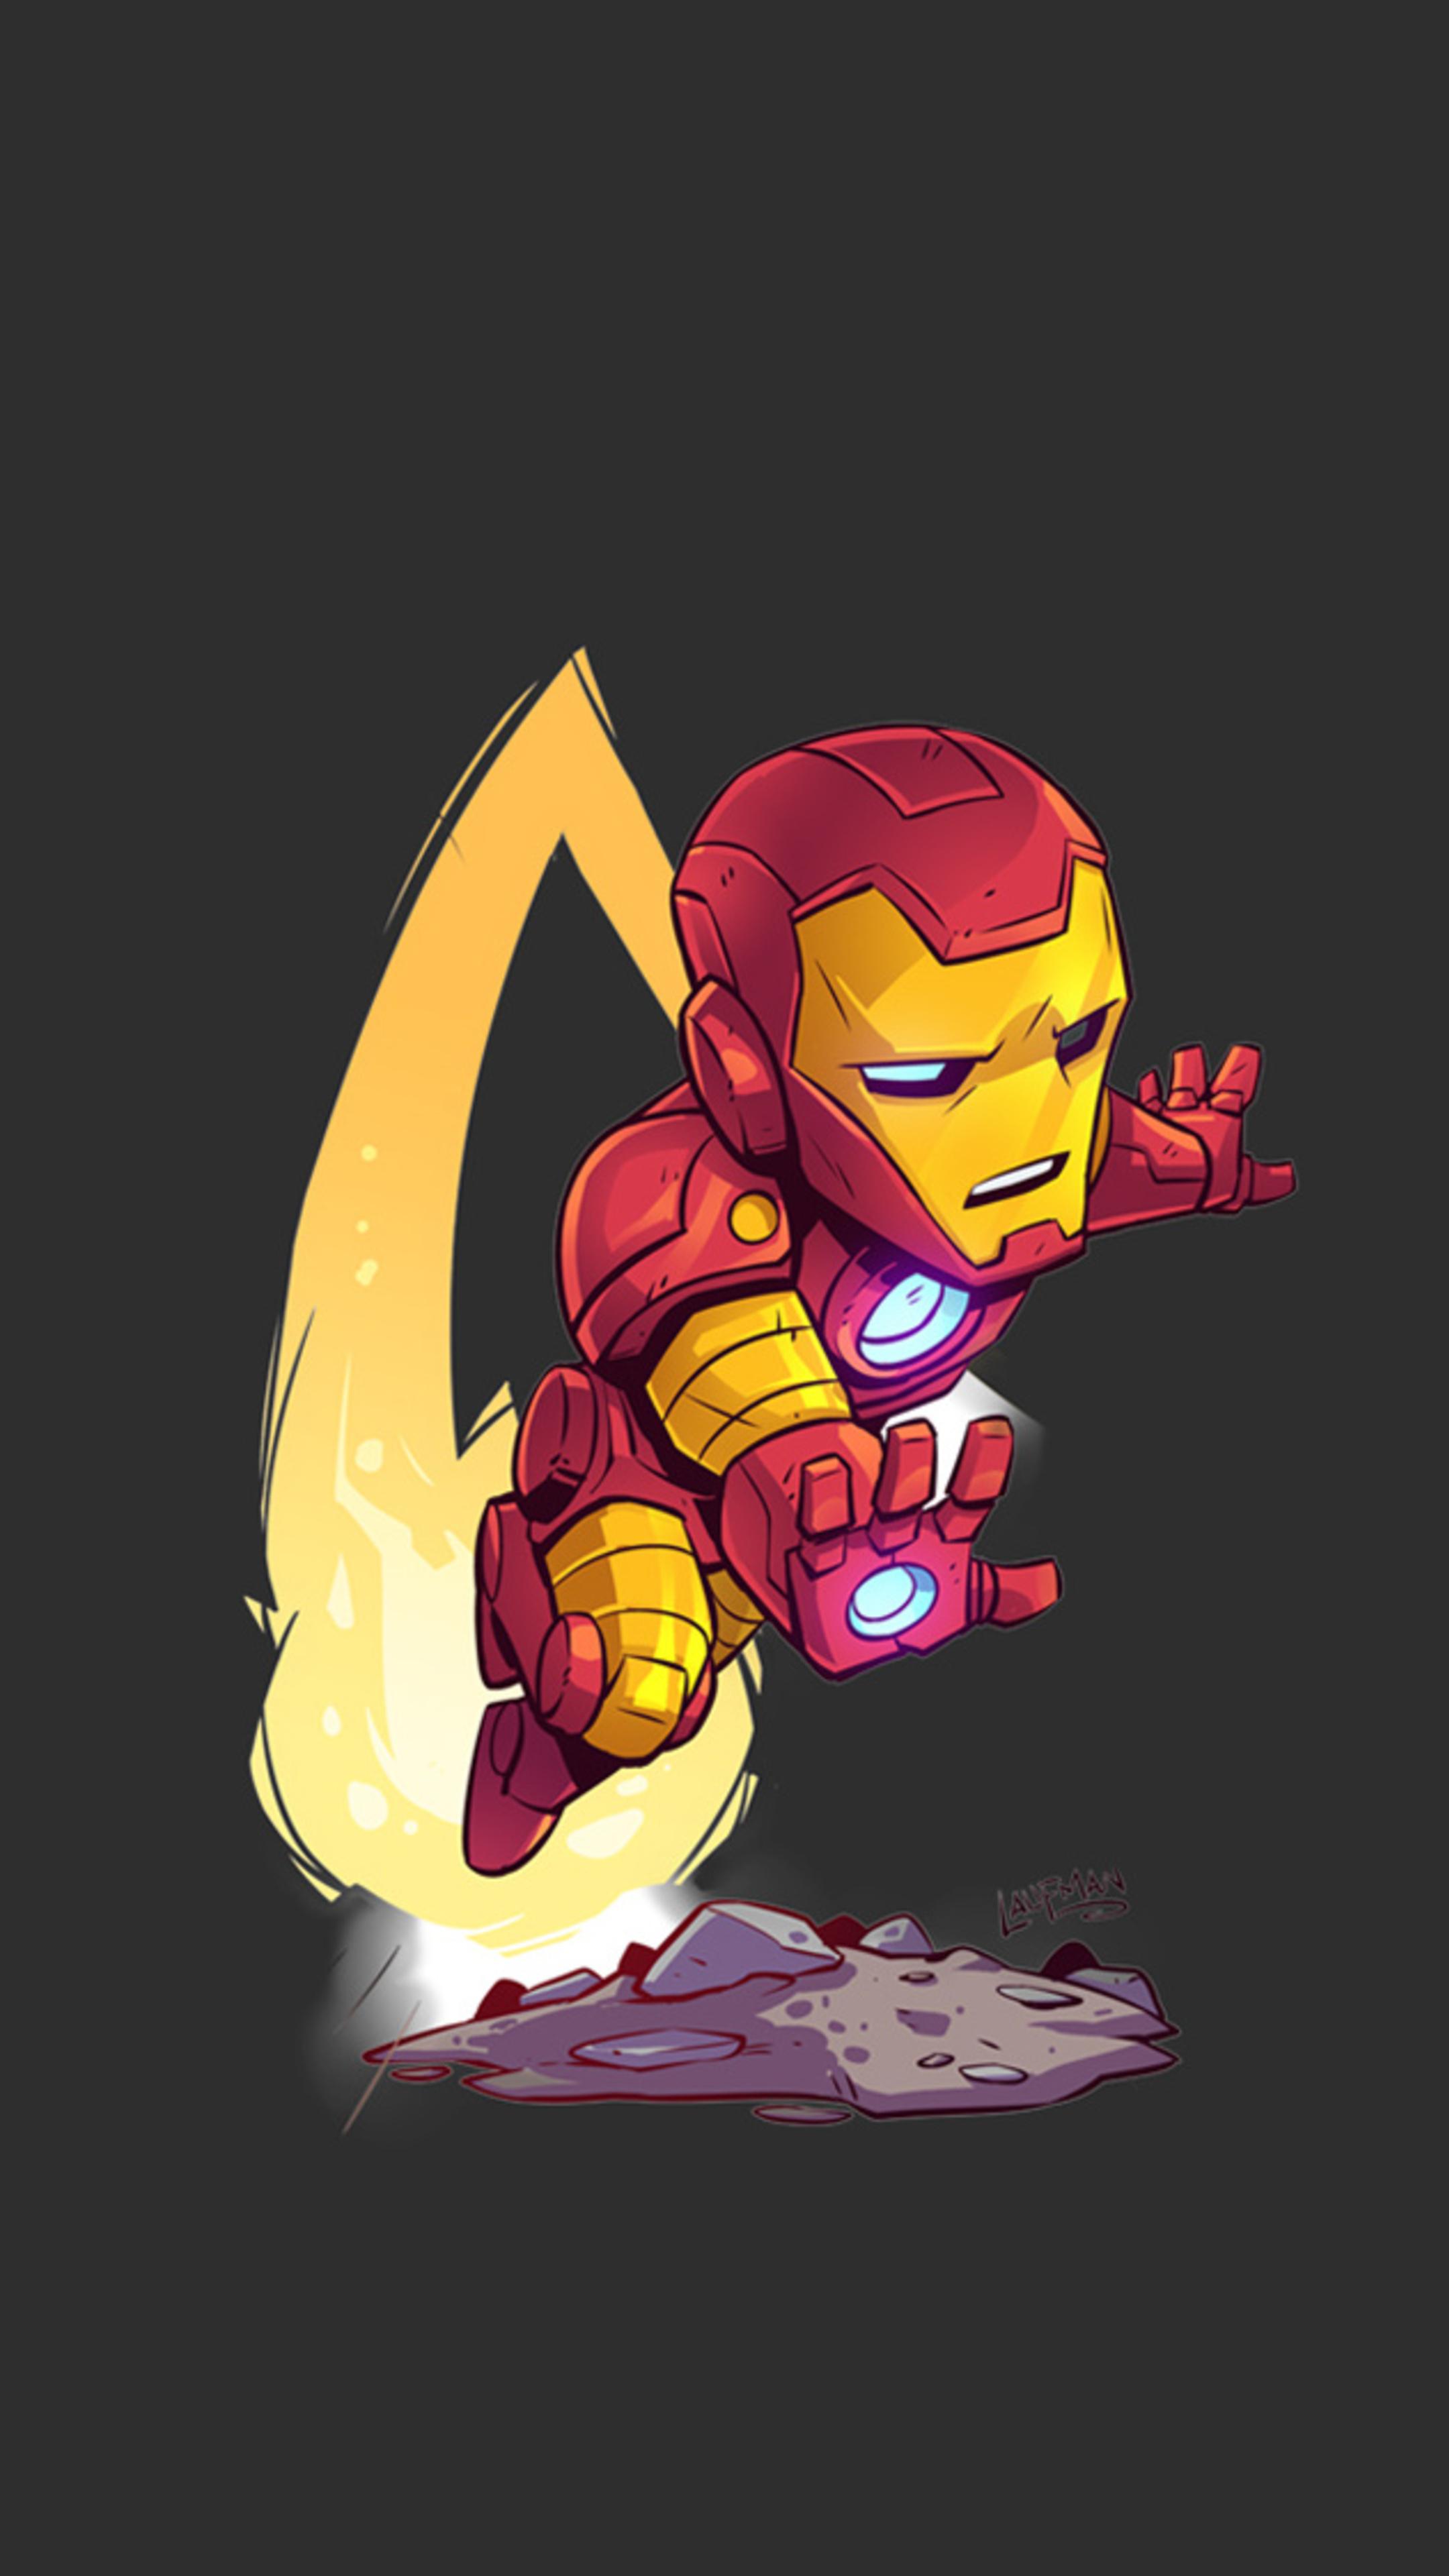 iron-man-minimal-art-6t.jpg